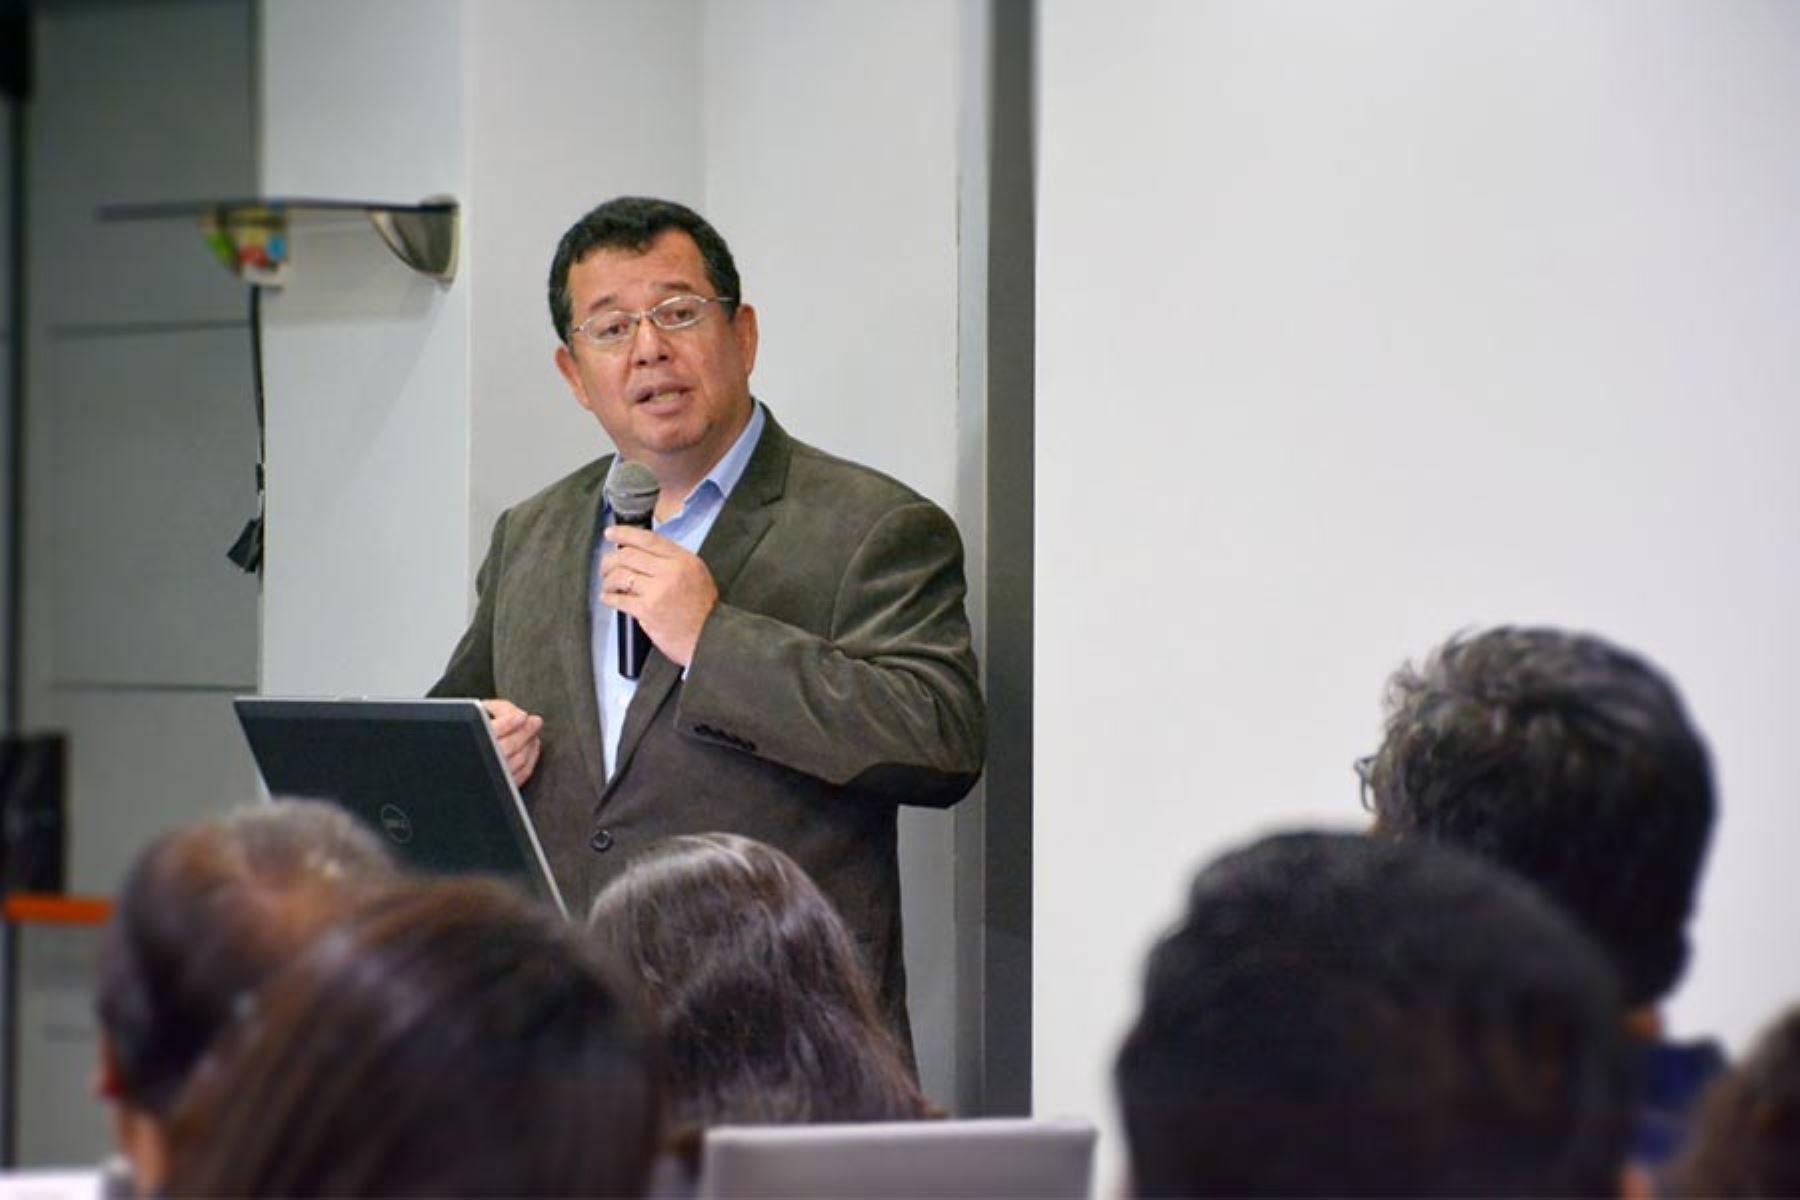 Mirko Zimic,  jefe del Laboratorio de Bioinformática y Biología Molecular de la Universidad Peruana Cayetano Heredia, explicó a la Agencia Andina  que este proyecto se encuentra en la segunda etapa de investigación